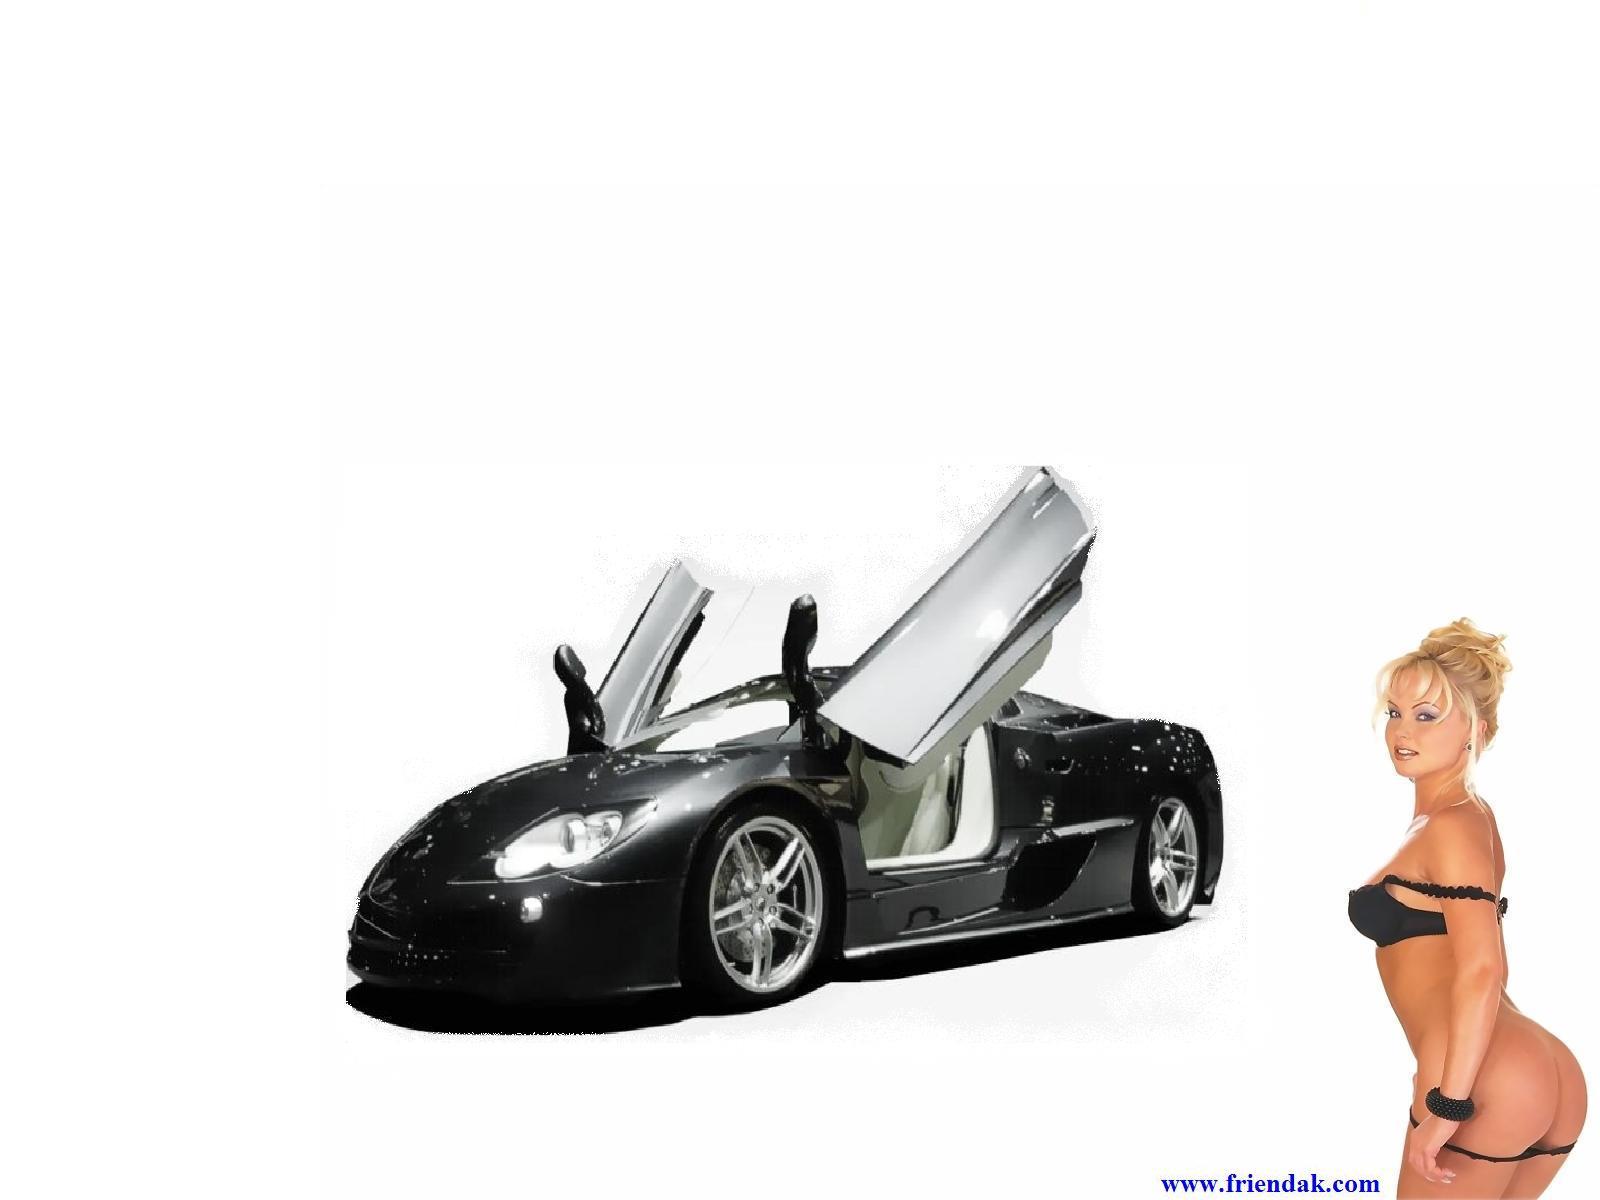 Desktop wallpaper downloads concept car and girl high resolution 1600x1200